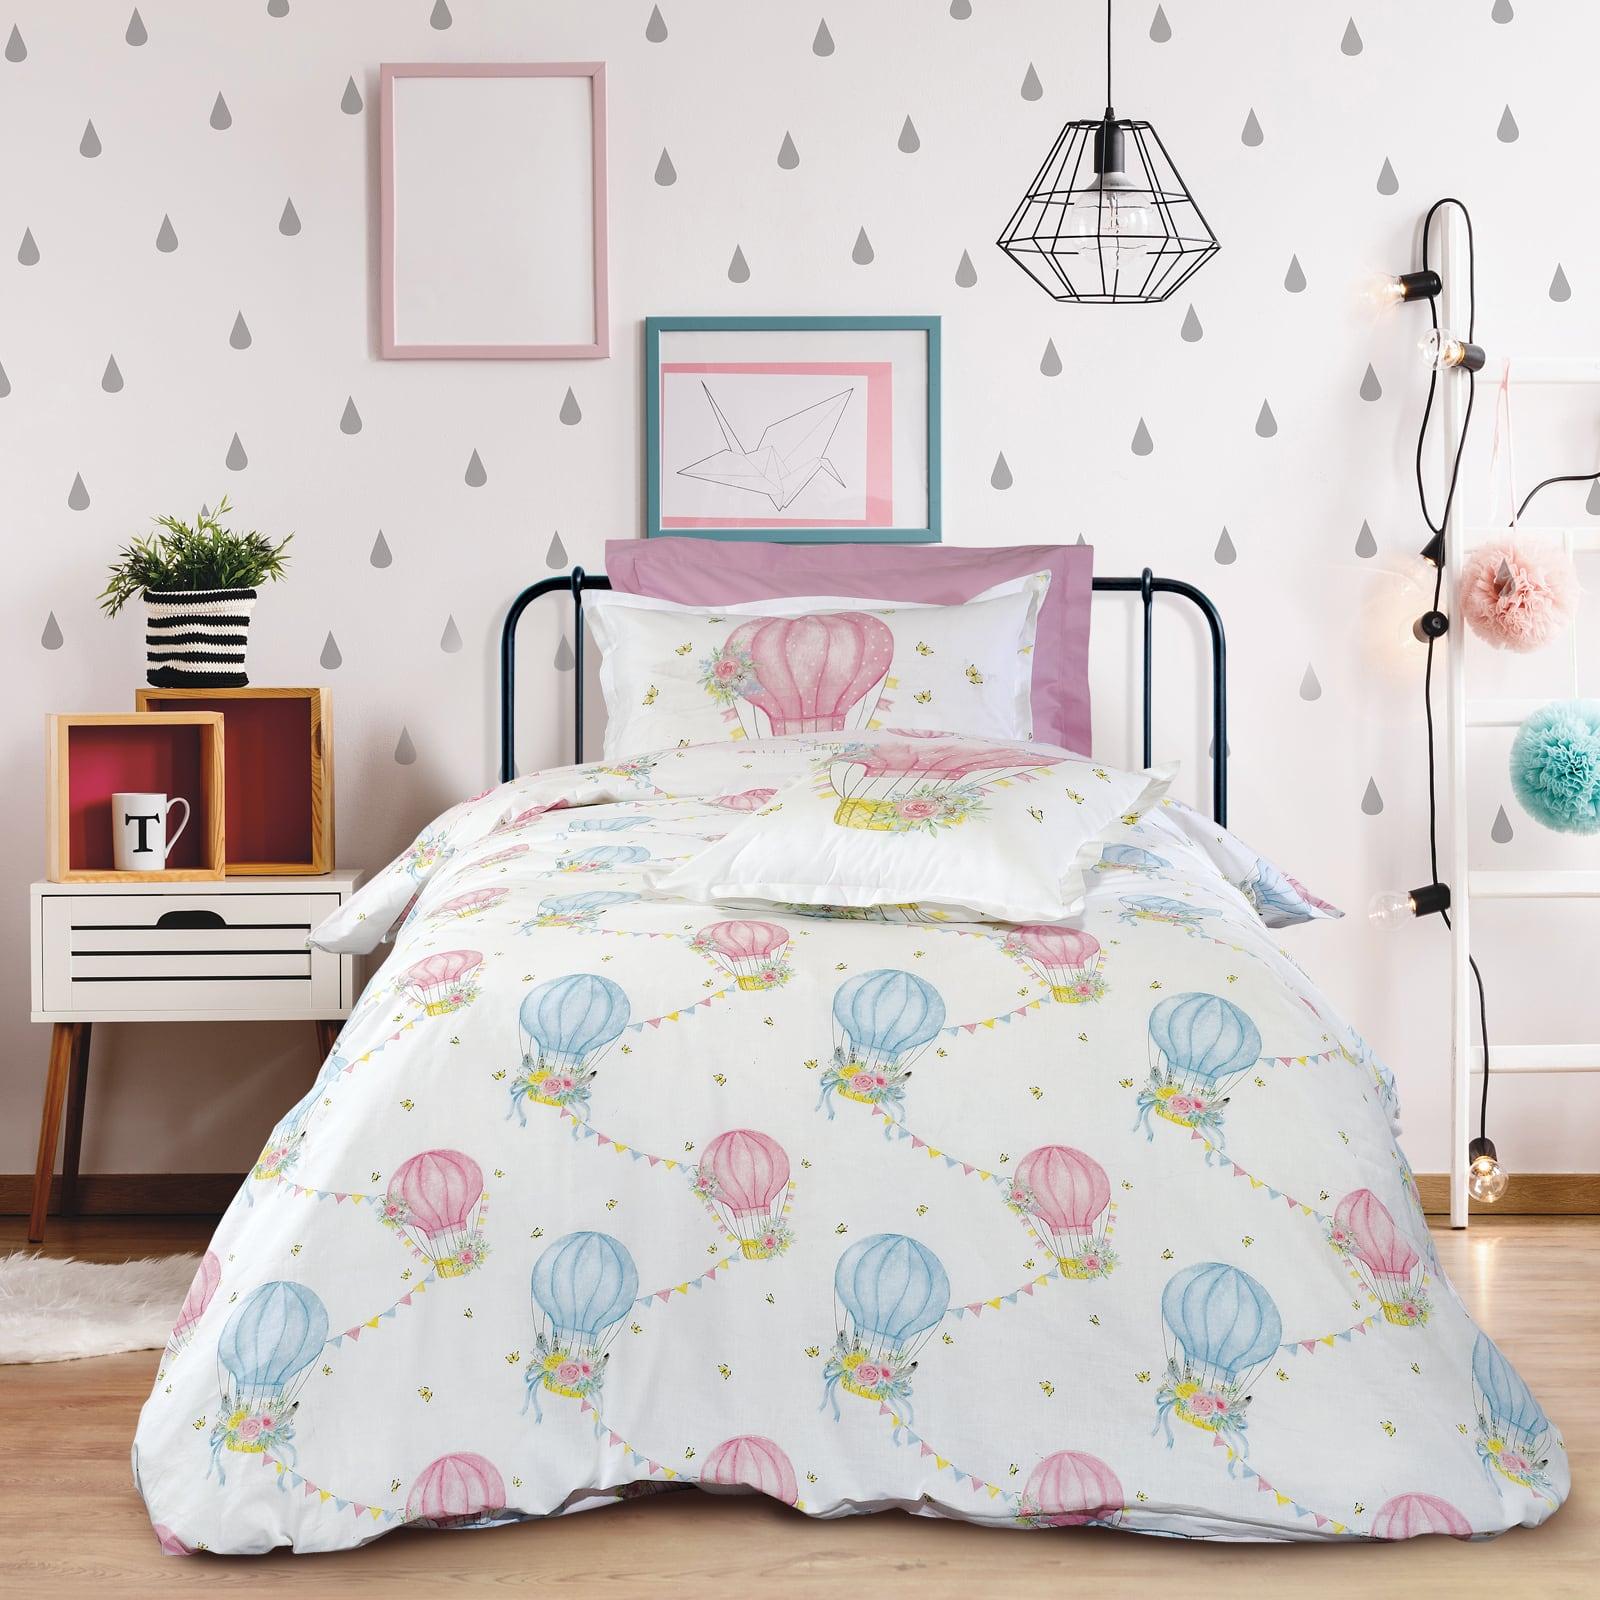 Σεντόνια Παιδικά 4716 Σετ 4τμχ White-Pink-Light Blue Das Kids Μονό 170x260cm